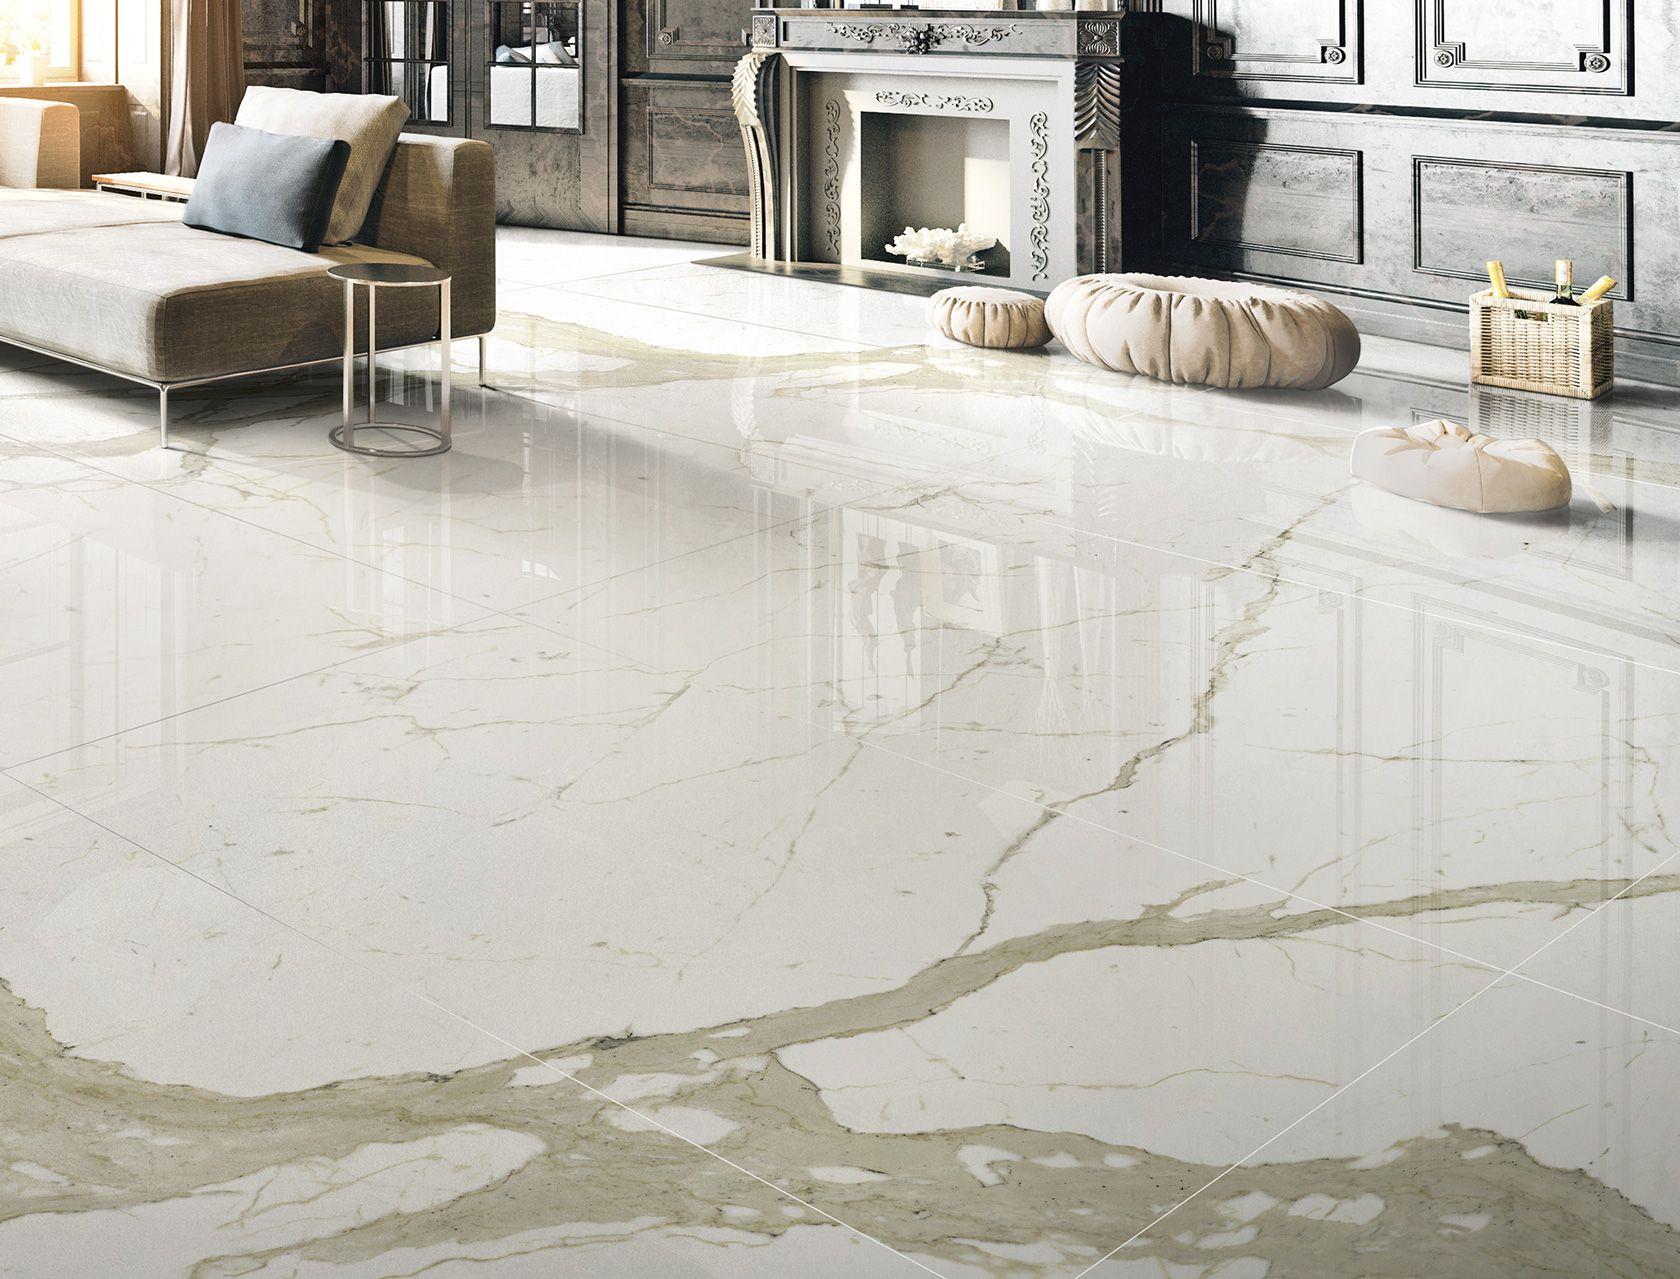 Bianco calacatta marmi cento2cento pavimenti e rivestimenti effetto marmo bianco - Piastrelle di marmo ...